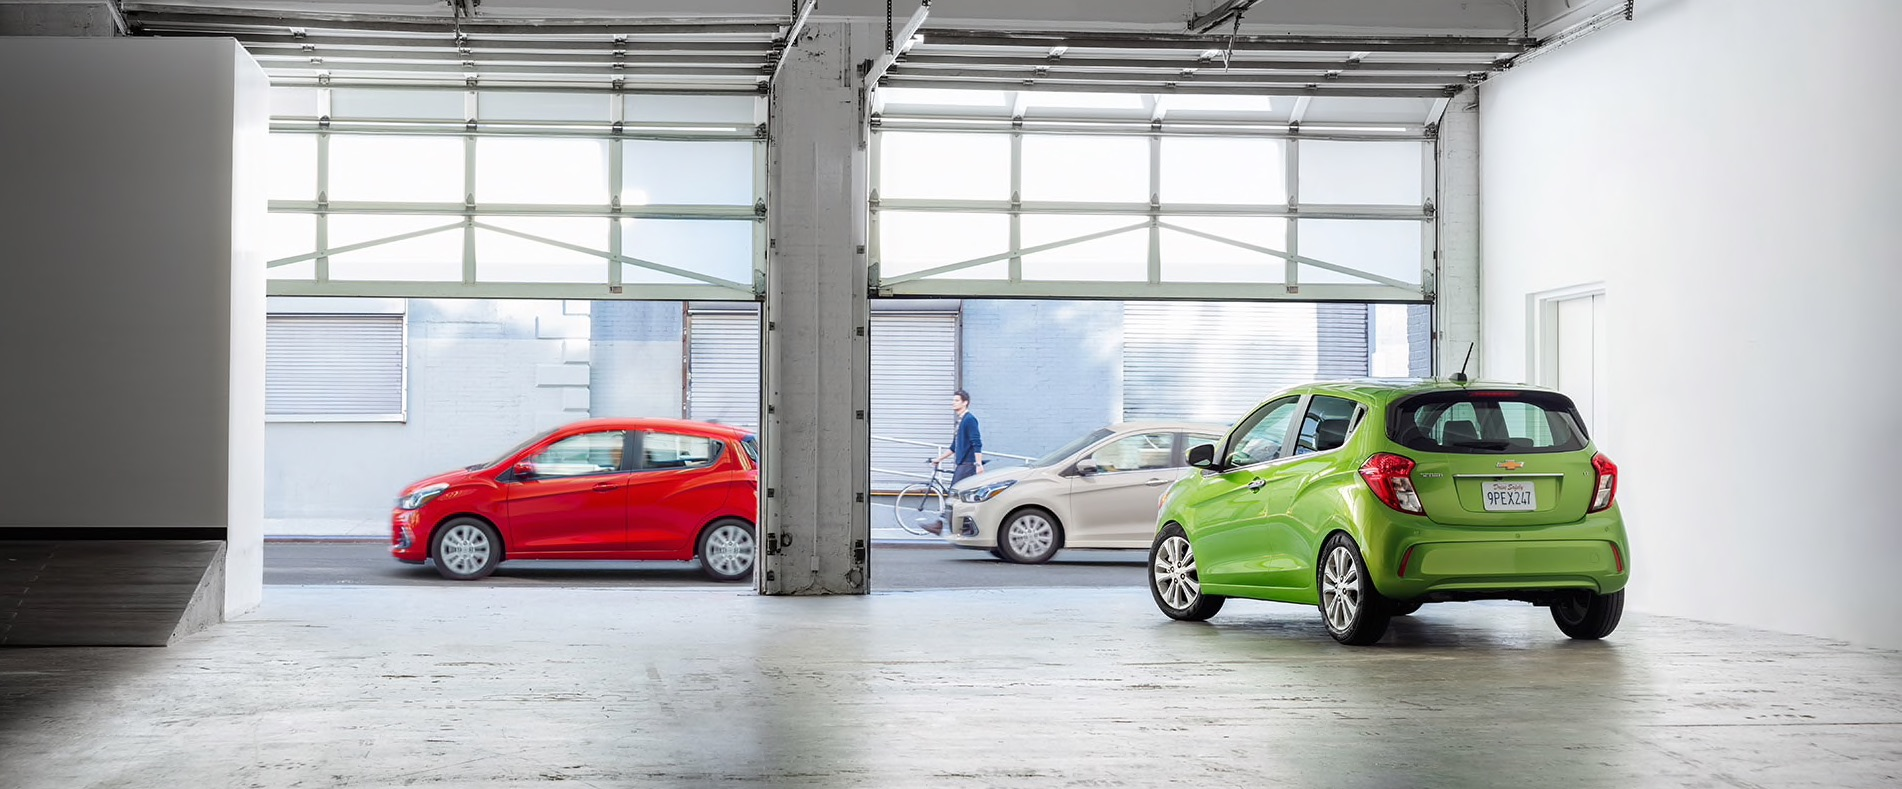 2016 Chevy Spark Garage